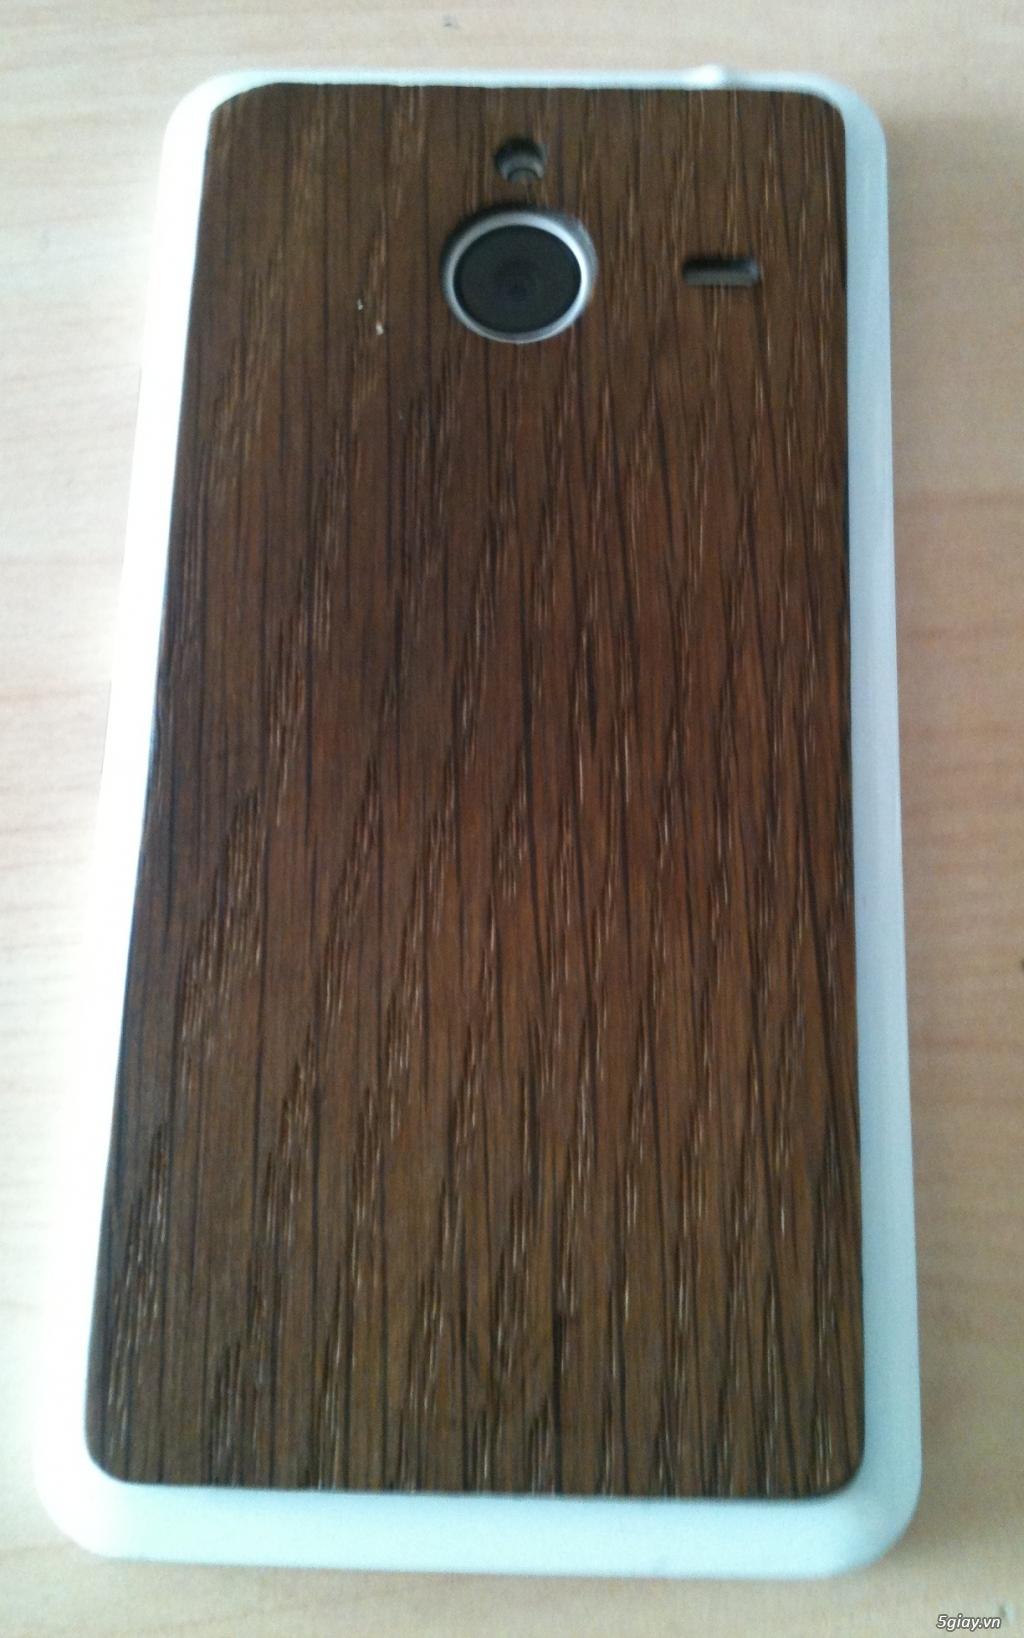 Lumia 640XL Ốp lưng gỗ 2,5 triệu - 2